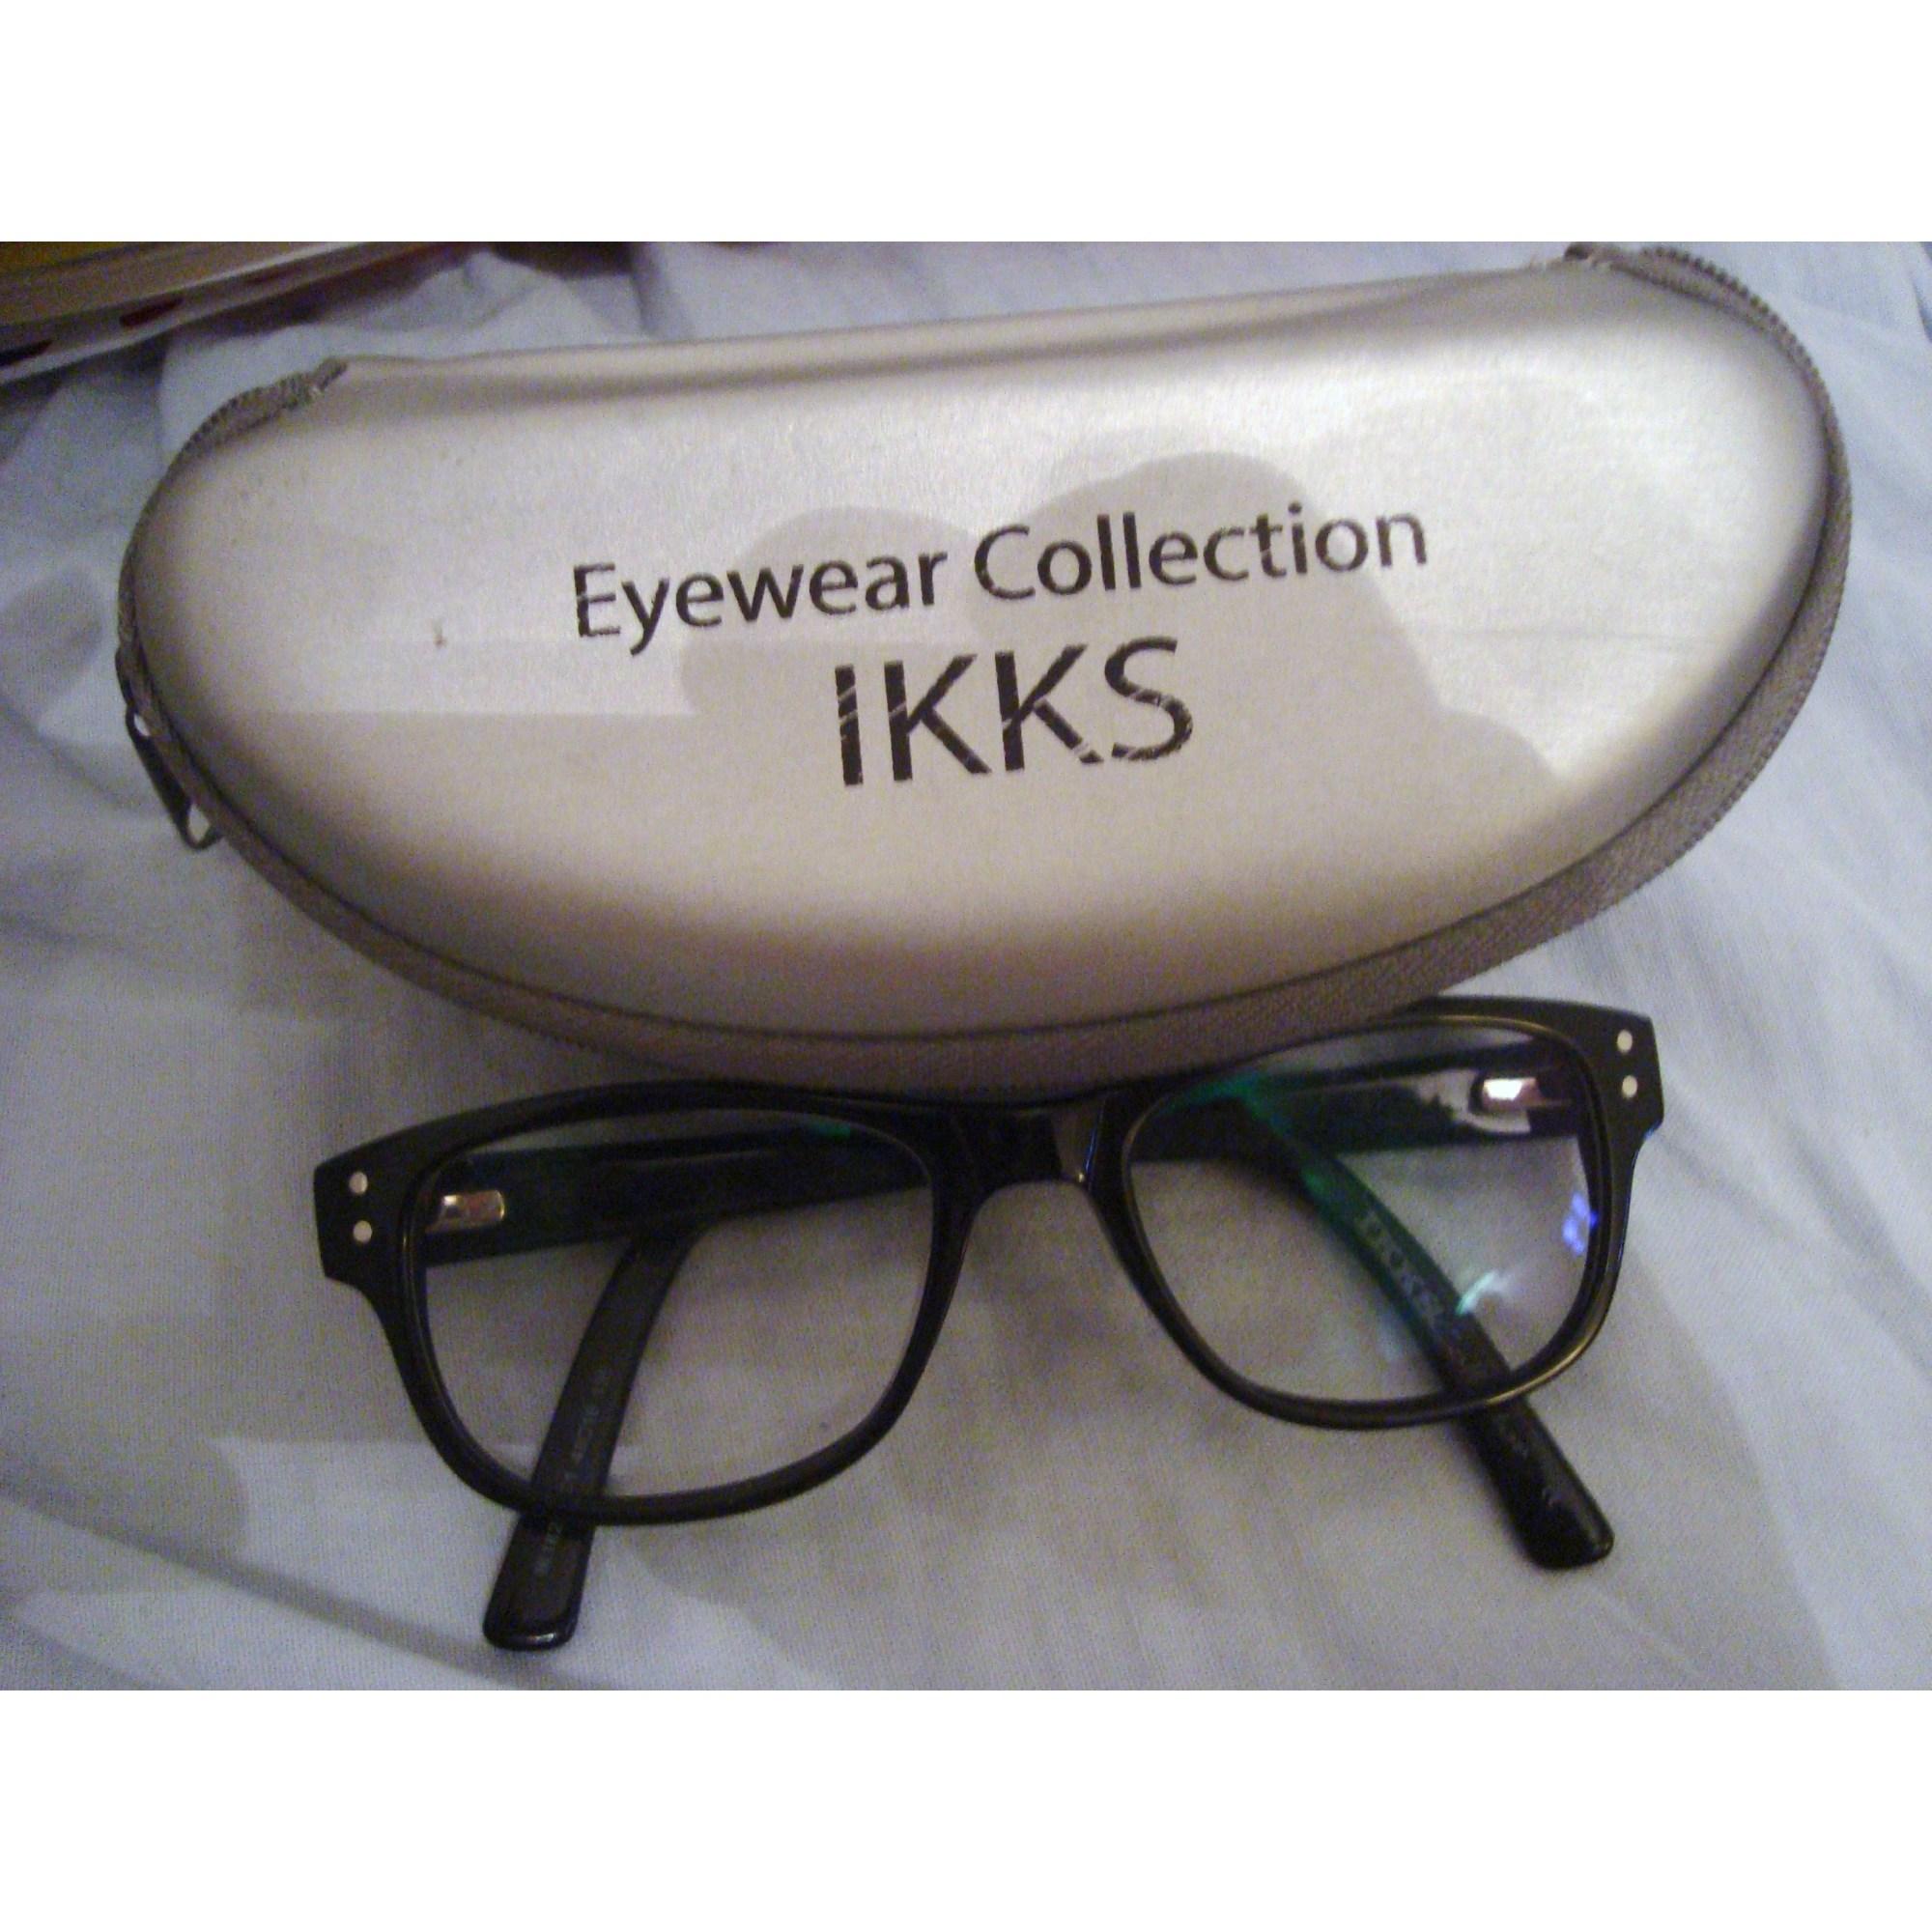 Monture de lunettes IKKS noir vendu par Shopname268538 - 1574463 2fe60ff36f4c